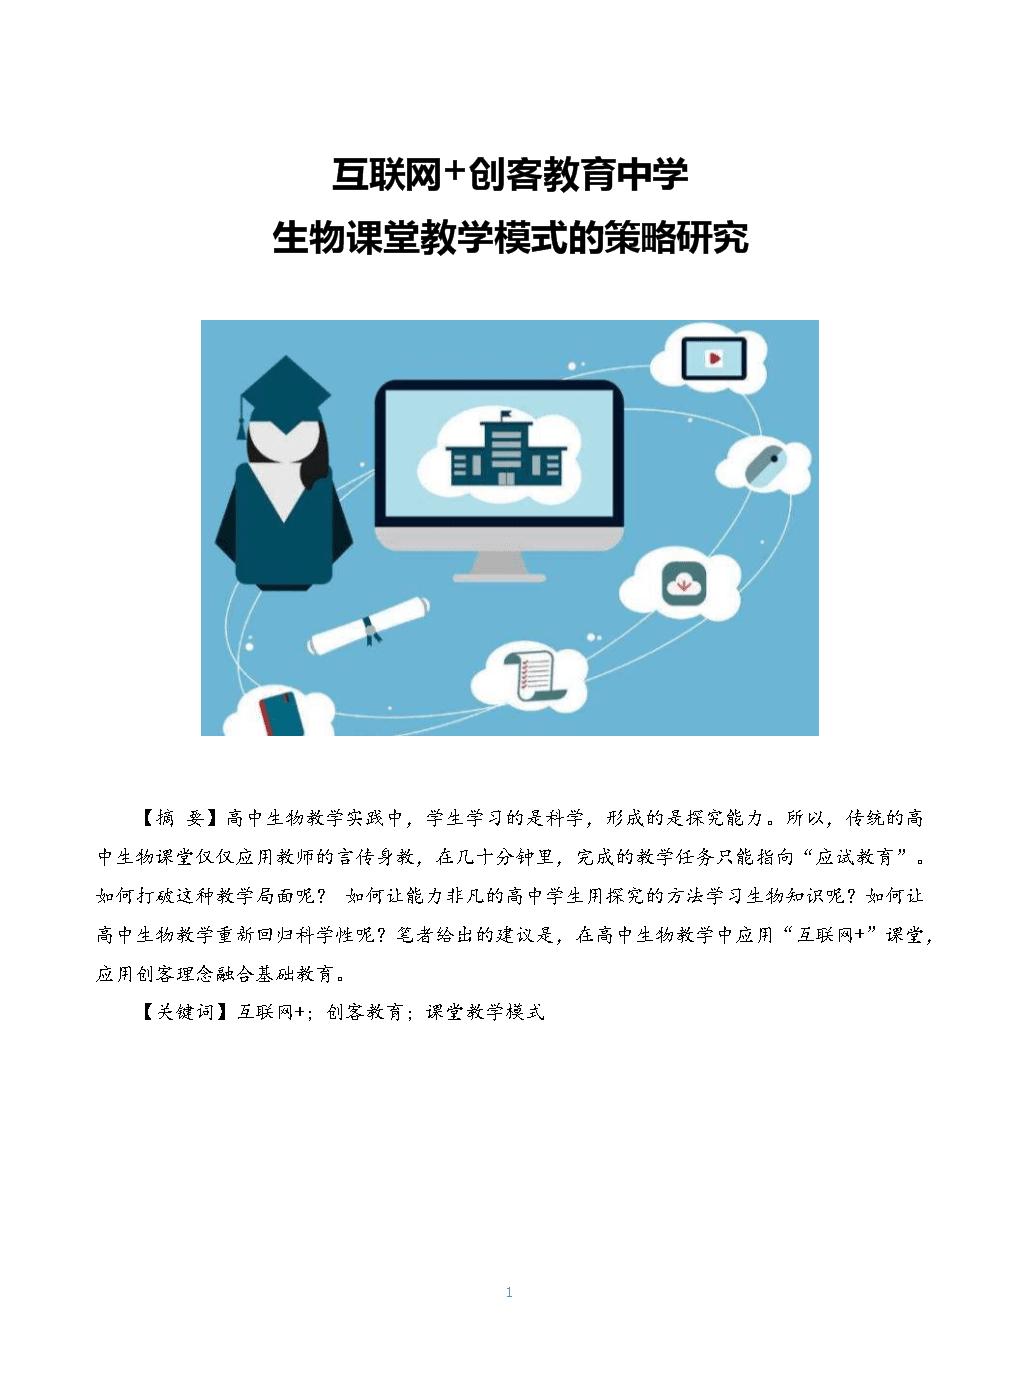 互联网创客教育-生物课堂教学模式的策略研究.docx